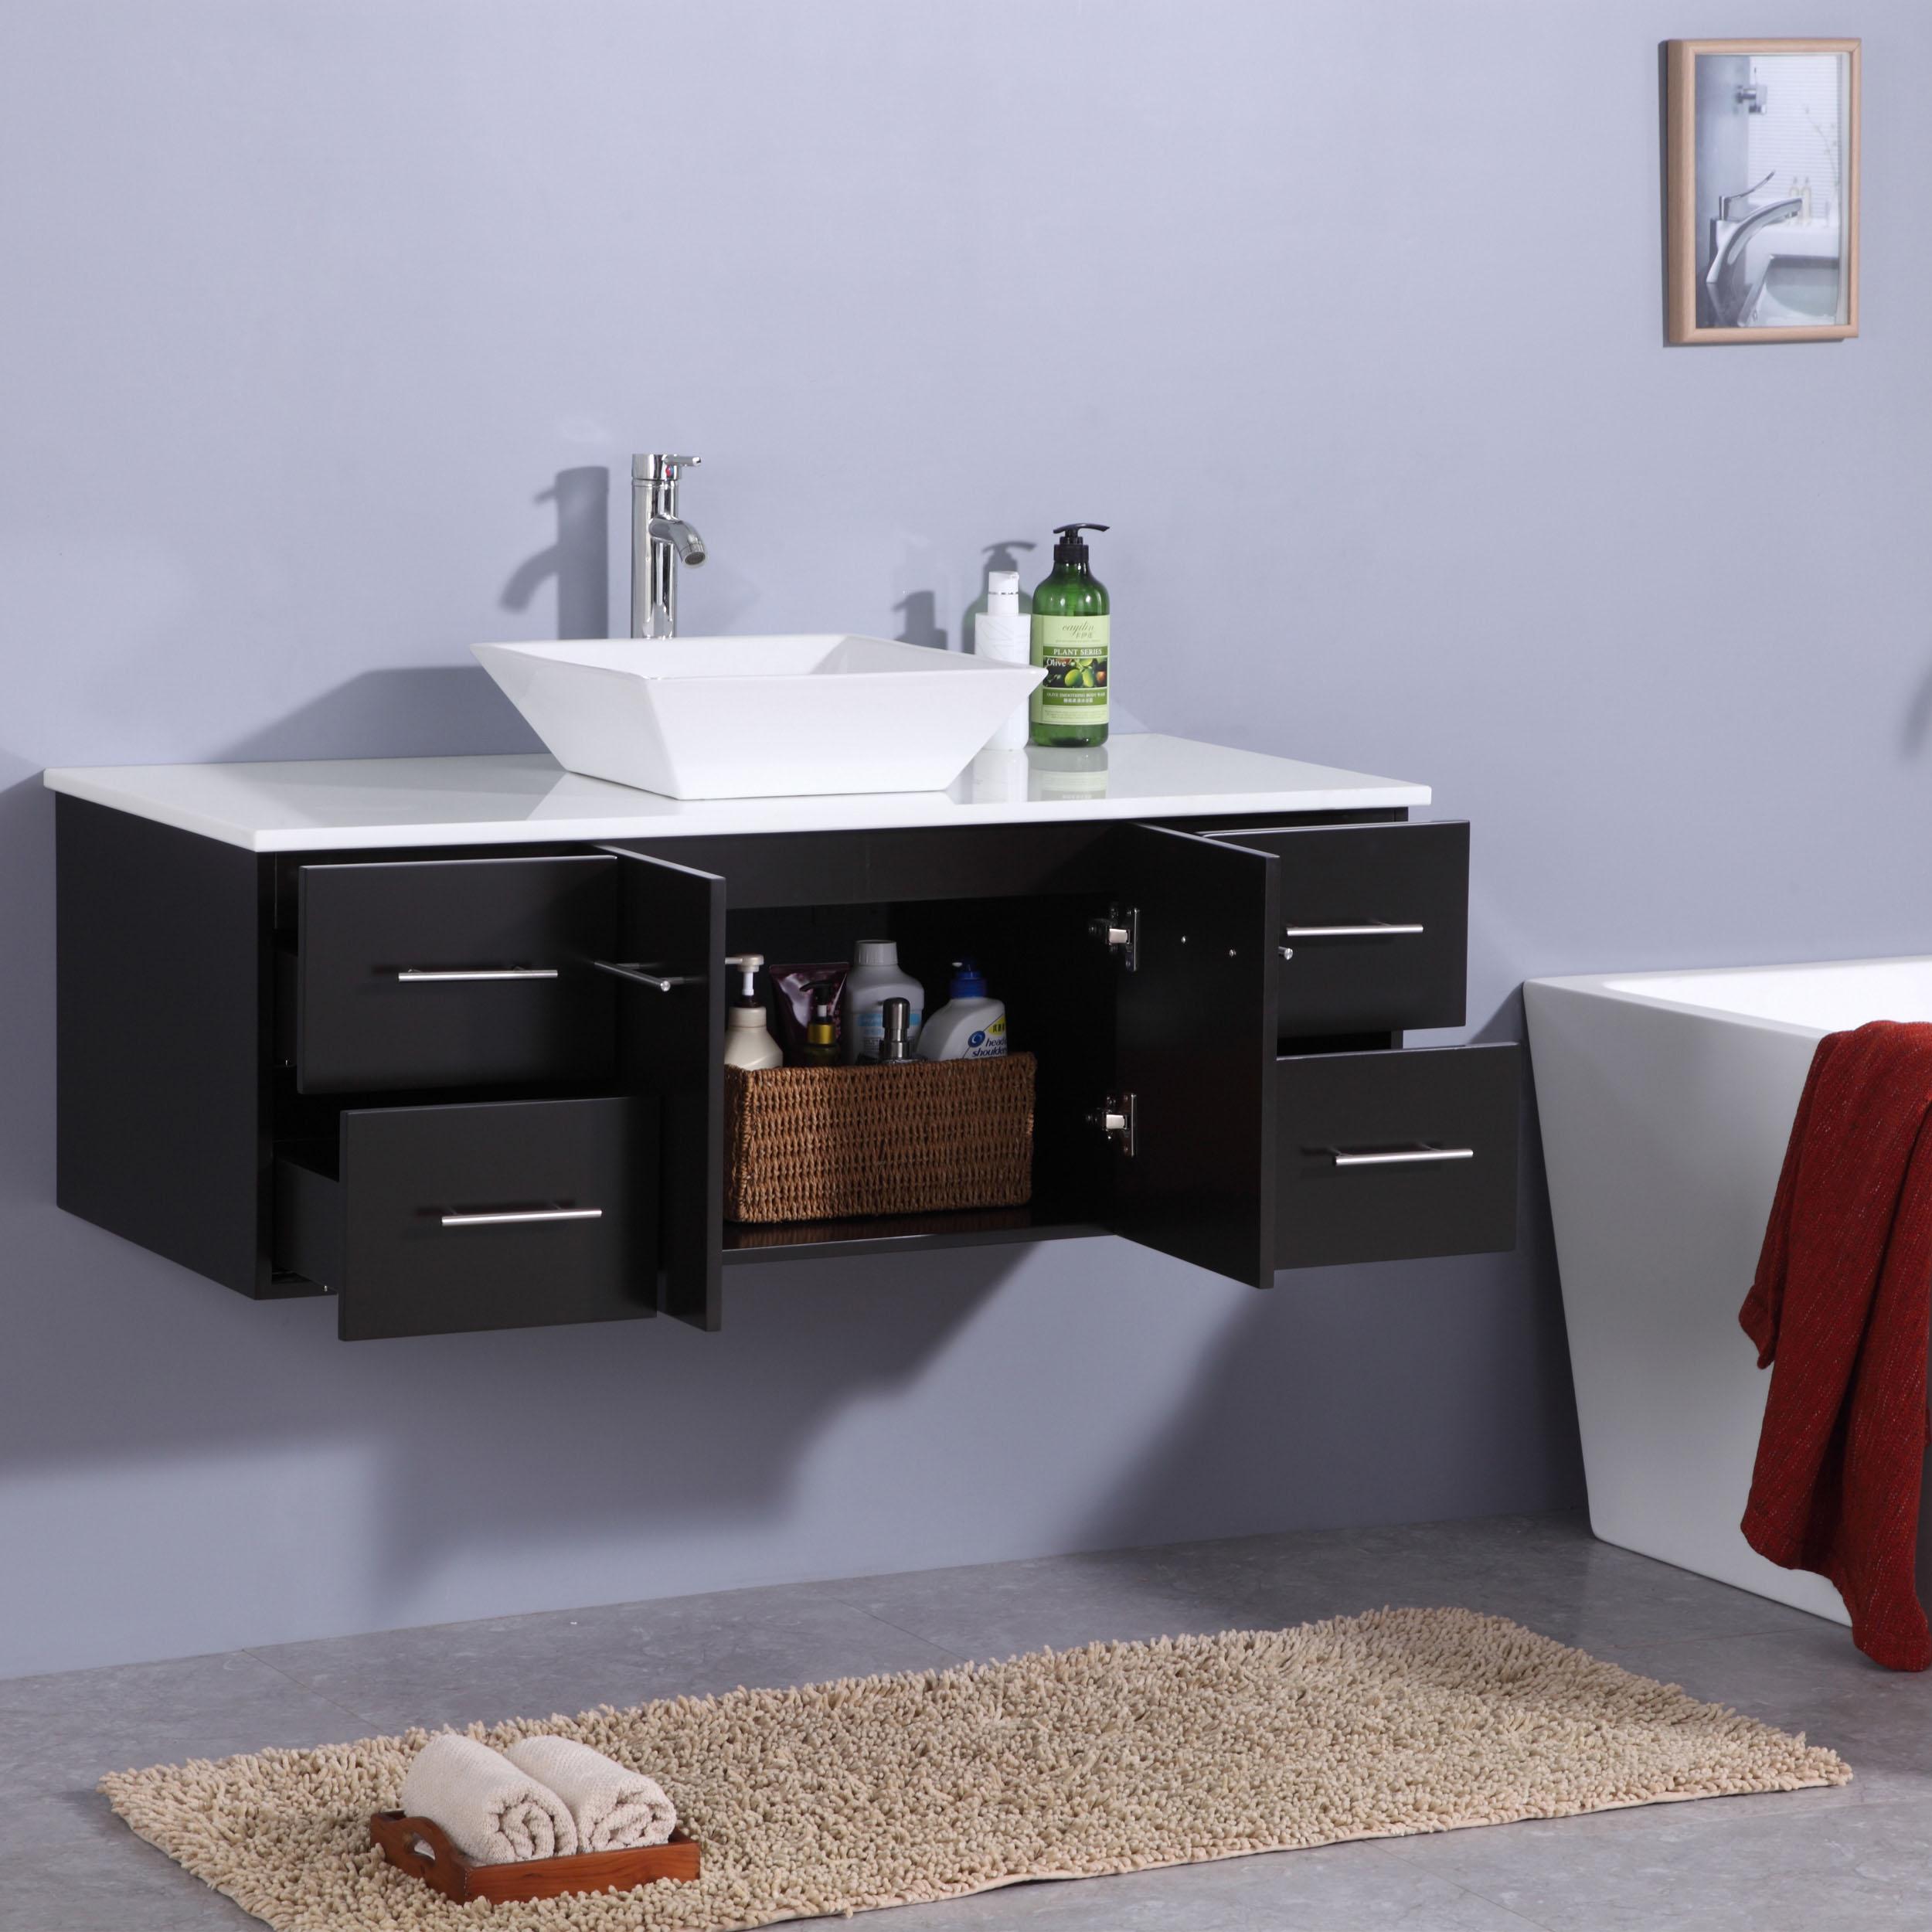 Totti Wave Inch Espresso Modern Bathroom Vanity With CounterTop - 48 inch modern bathroom vanity